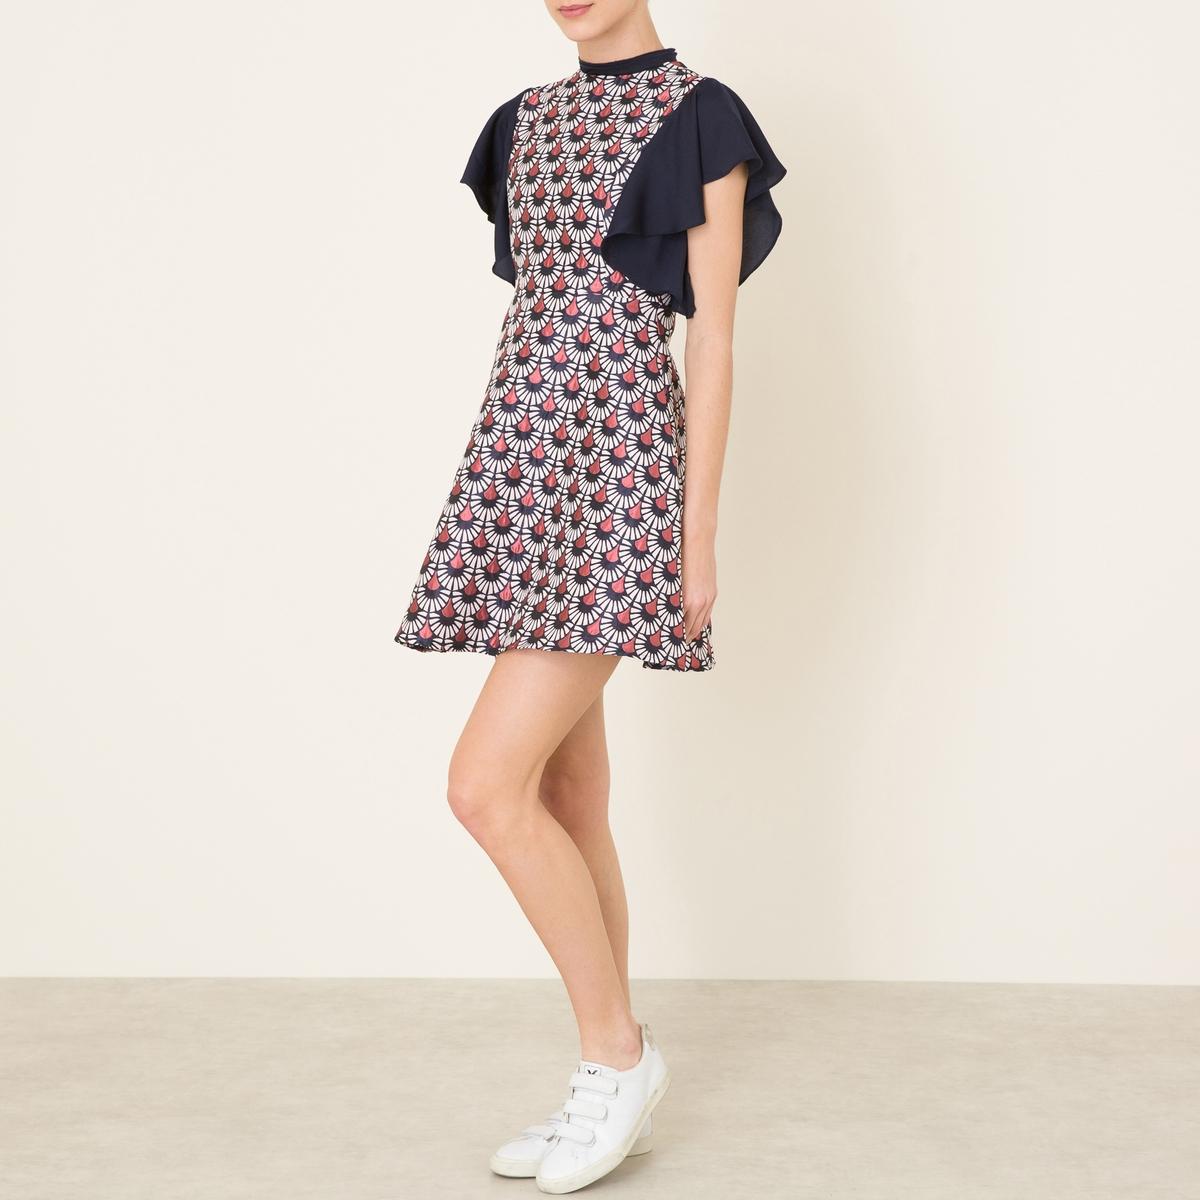 Платье из двух материаловСостав и описание    Материал : 78% полиэстера, 22% хлопкаВуаль: 97% полиэстера, 3% эластанаПодкладка 100% полиэстер   Длина : ок. 83 см. для размера 36   Марка : SISTER JANE<br><br>Цвет: разноцветный